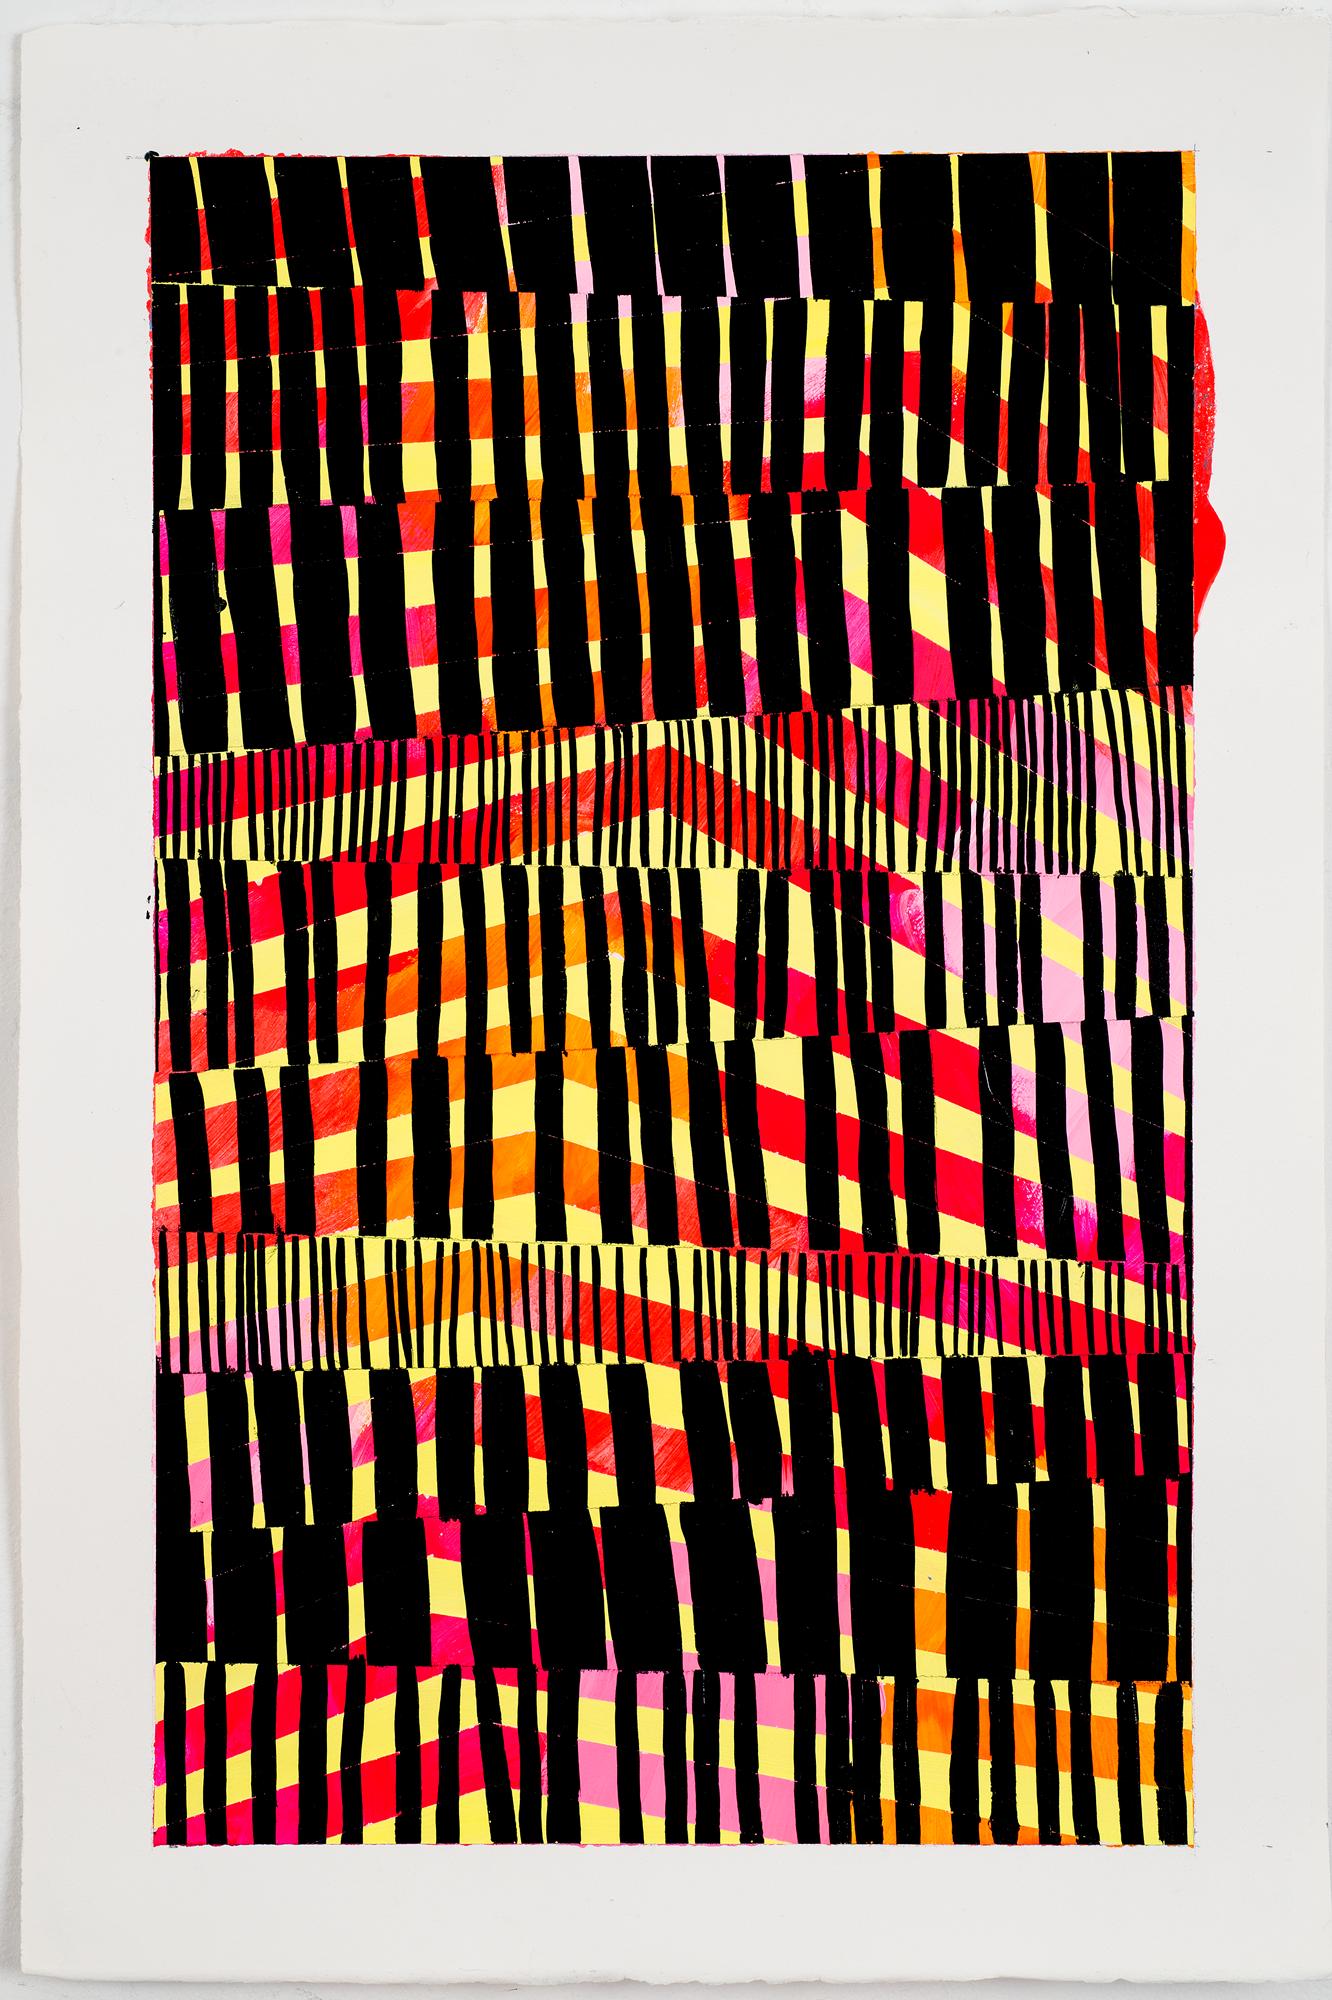 """NY16#73,22"""" X 15"""", acrylic on paper, 2016  available at Etsy"""